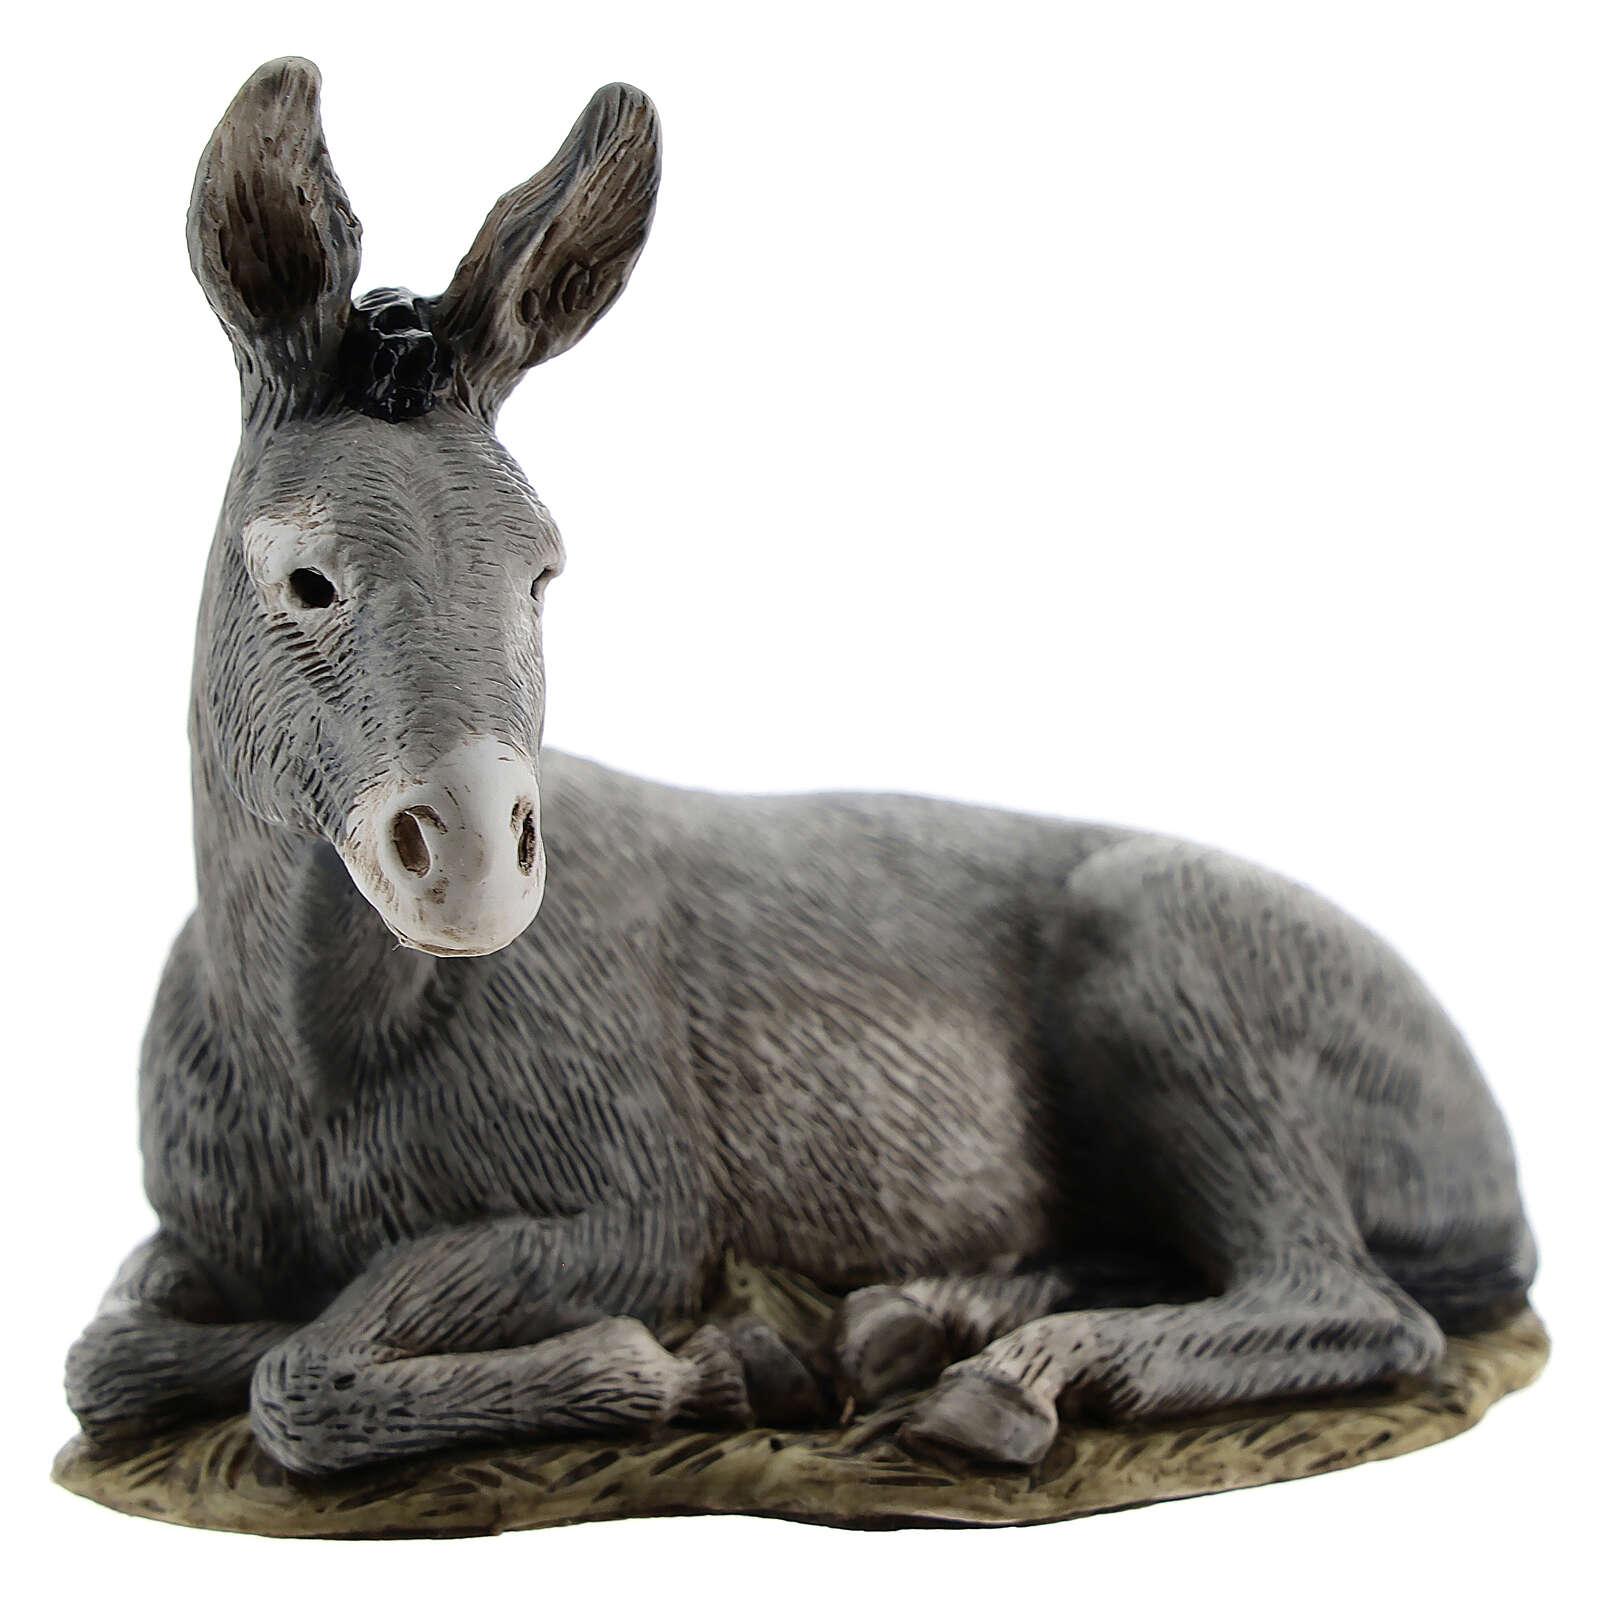 Nativity scene figurine, donkey, 11cm by Landi 3